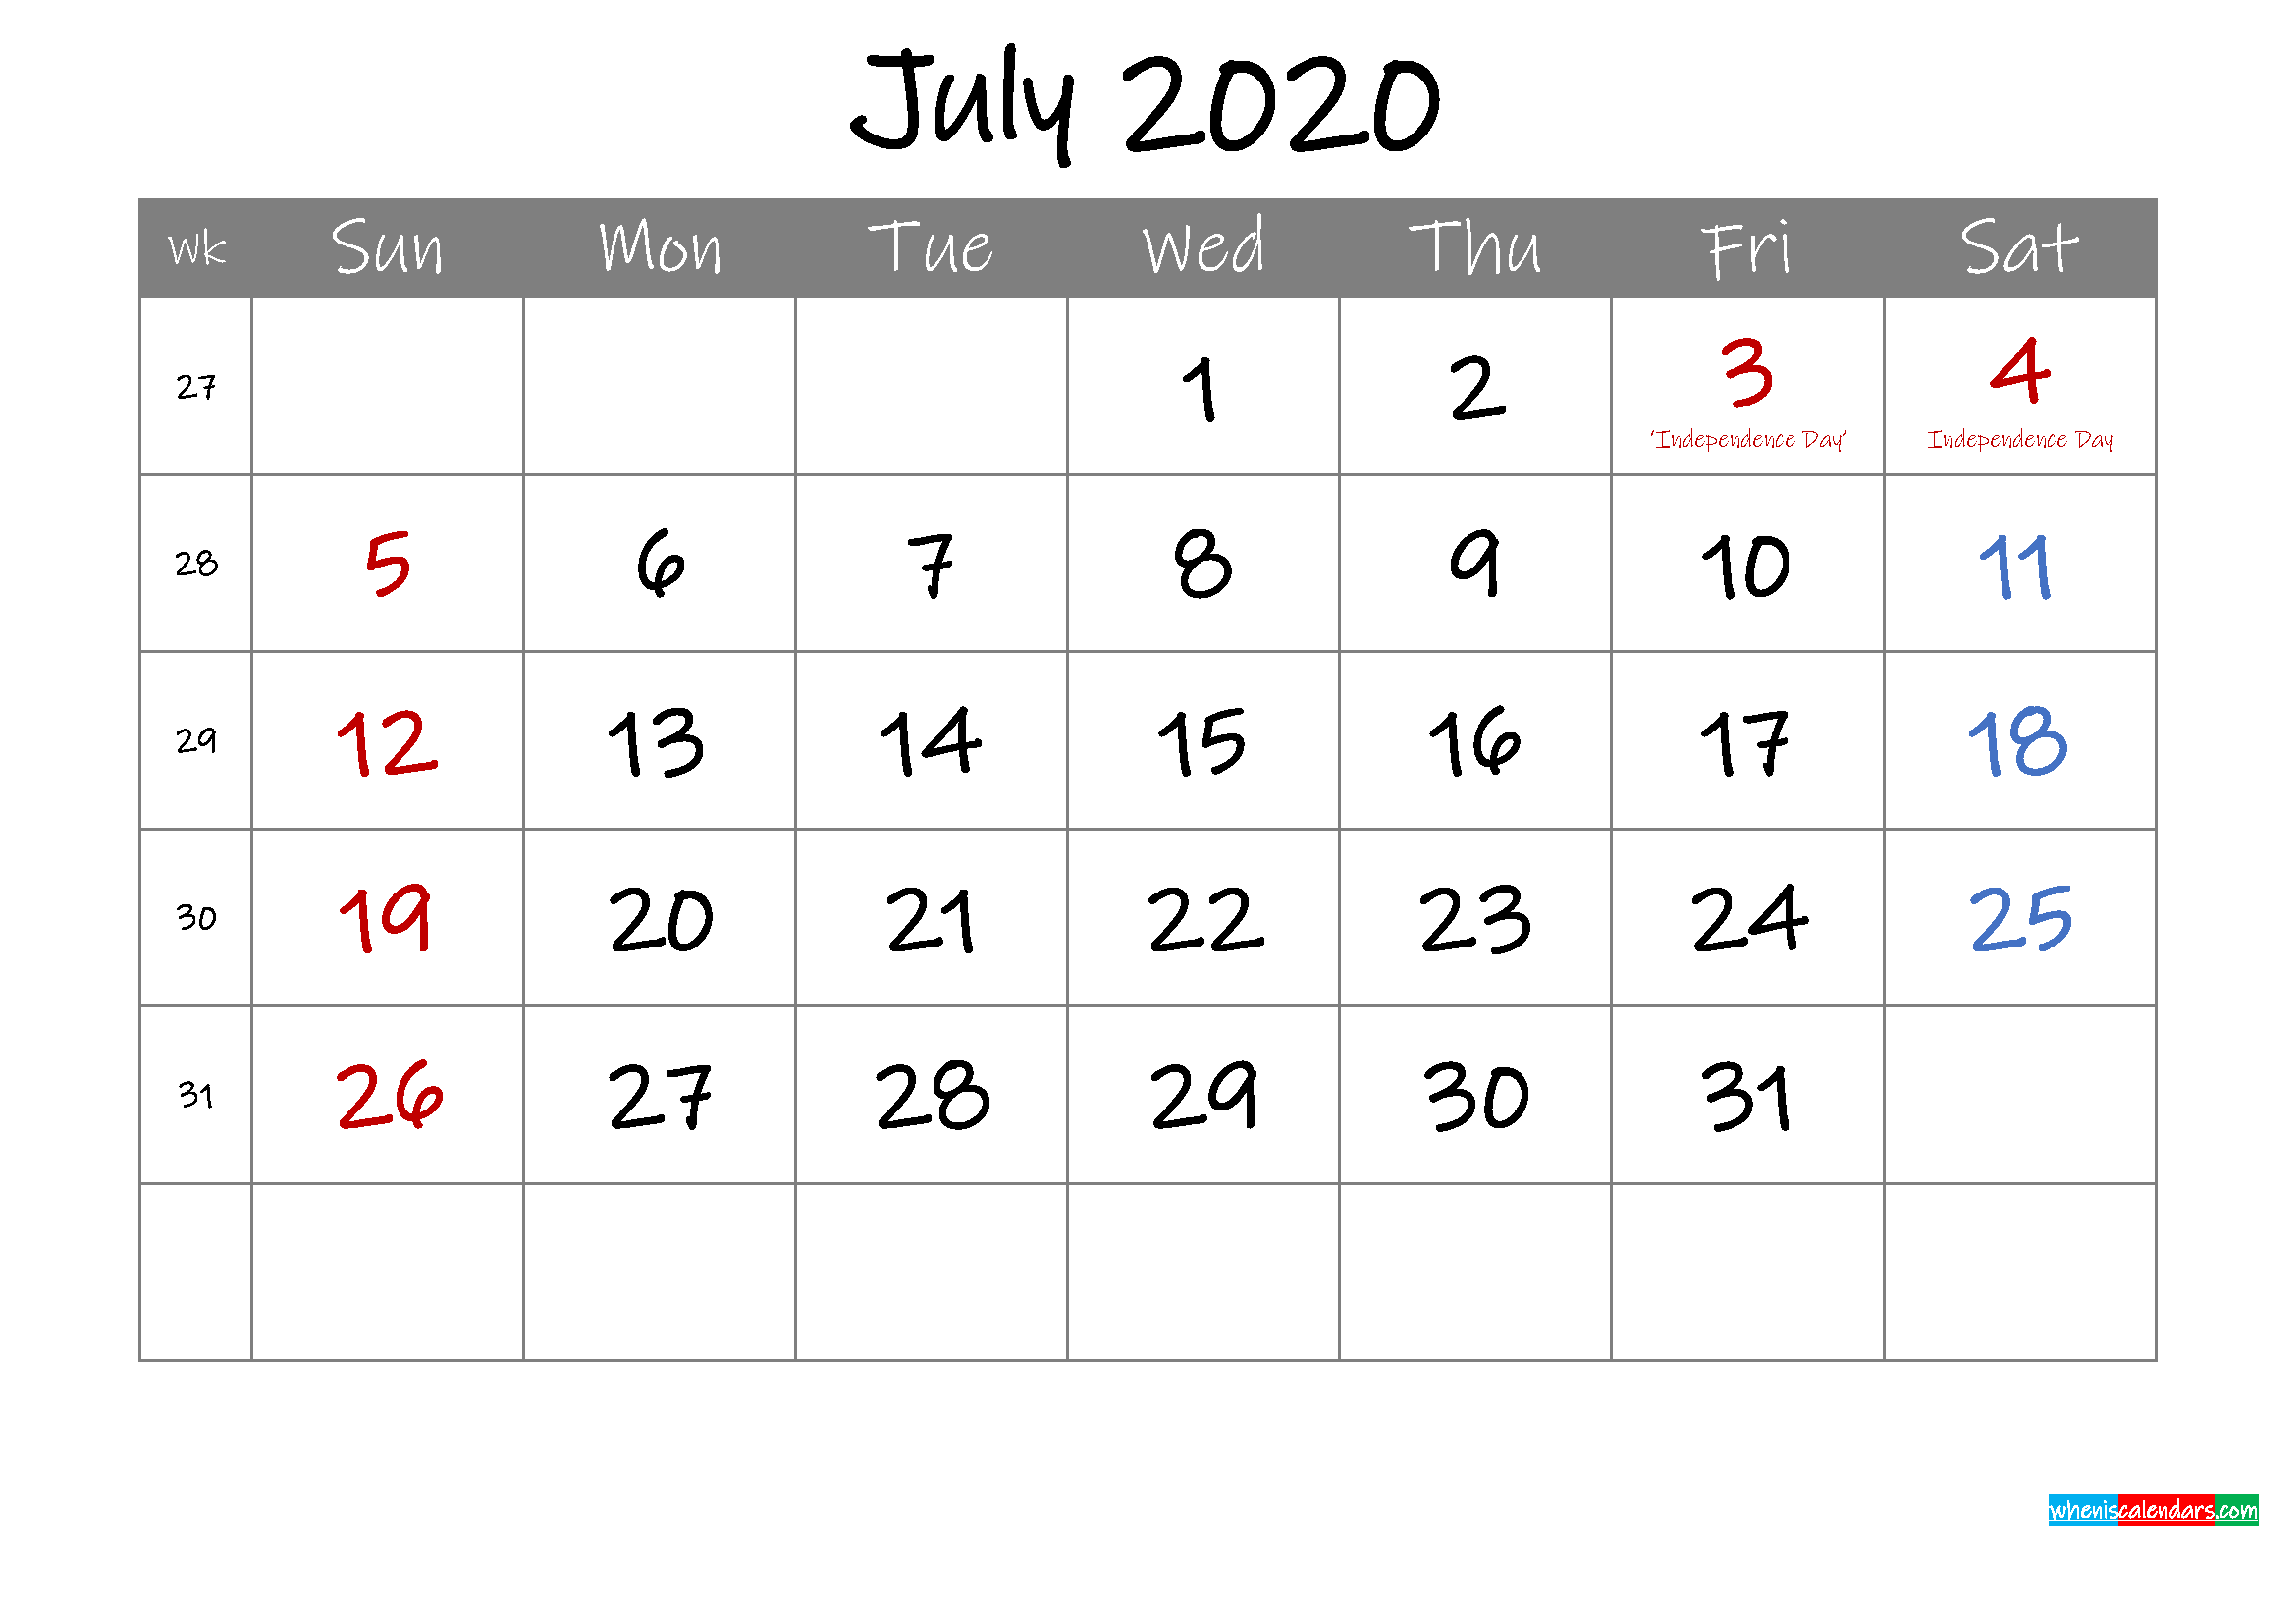 Editable July 2020 Calendar with Holidays